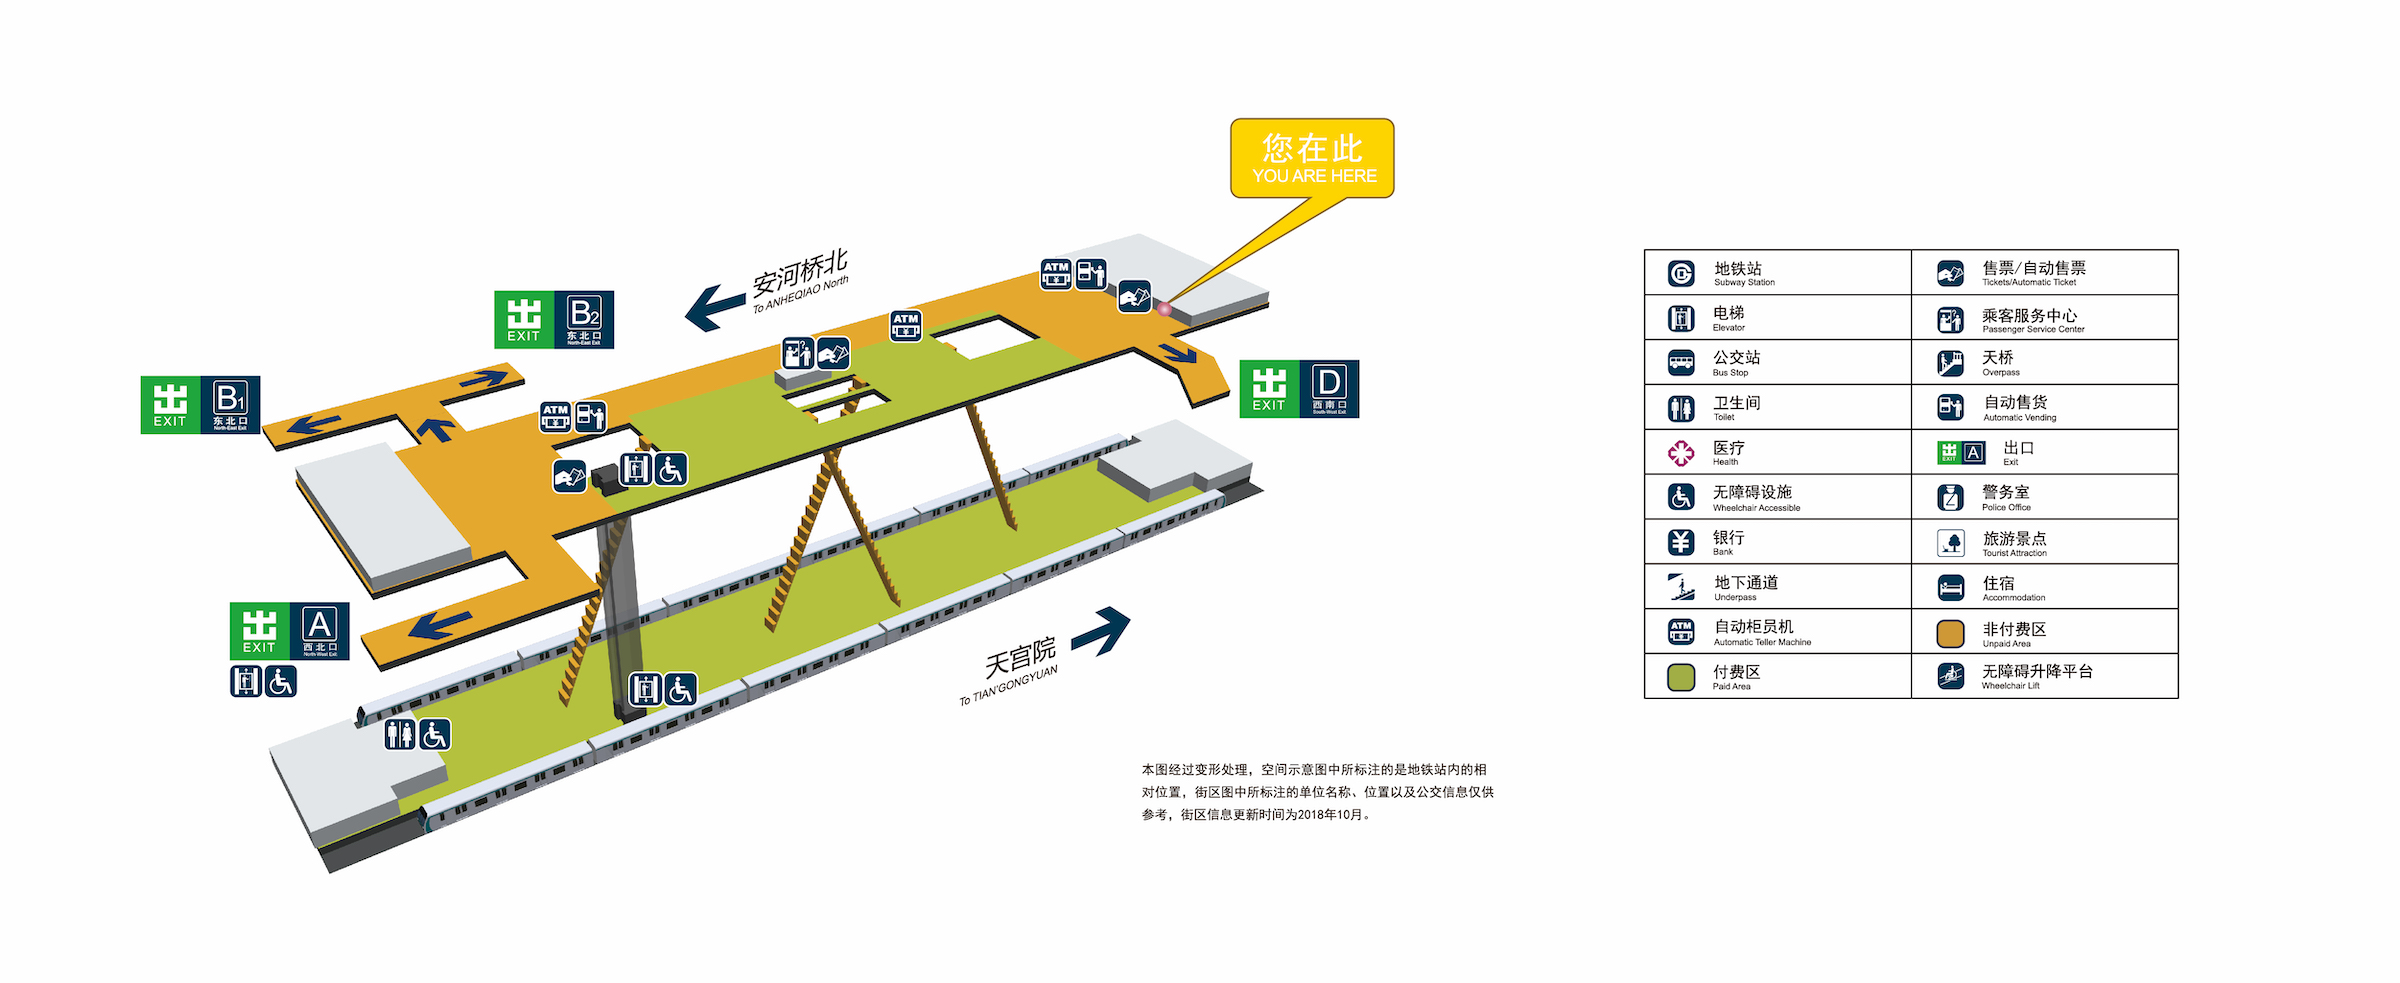 高米店北站立体图